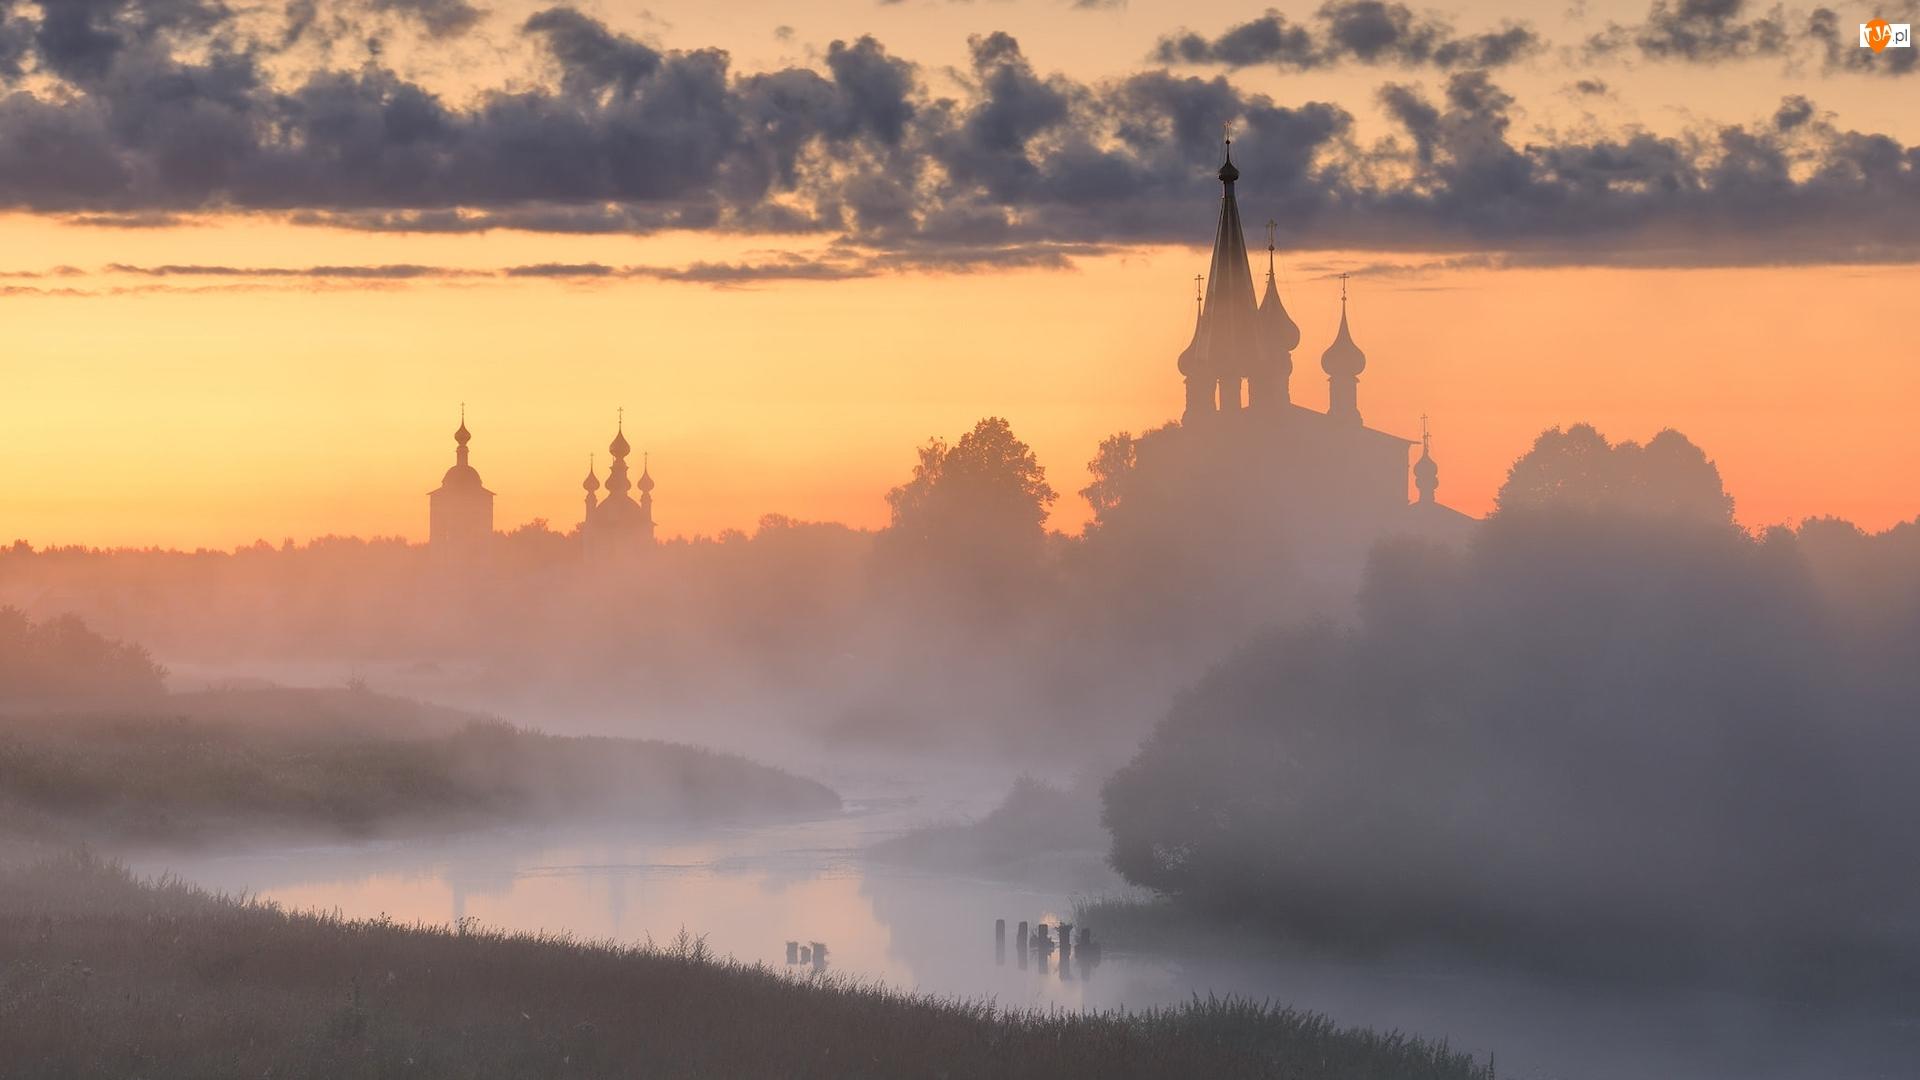 Dunilovo, Rzeka Teza, Chmury, Obwód iwanowski, Cerkiew, Drzewa, Rosja, Mgła